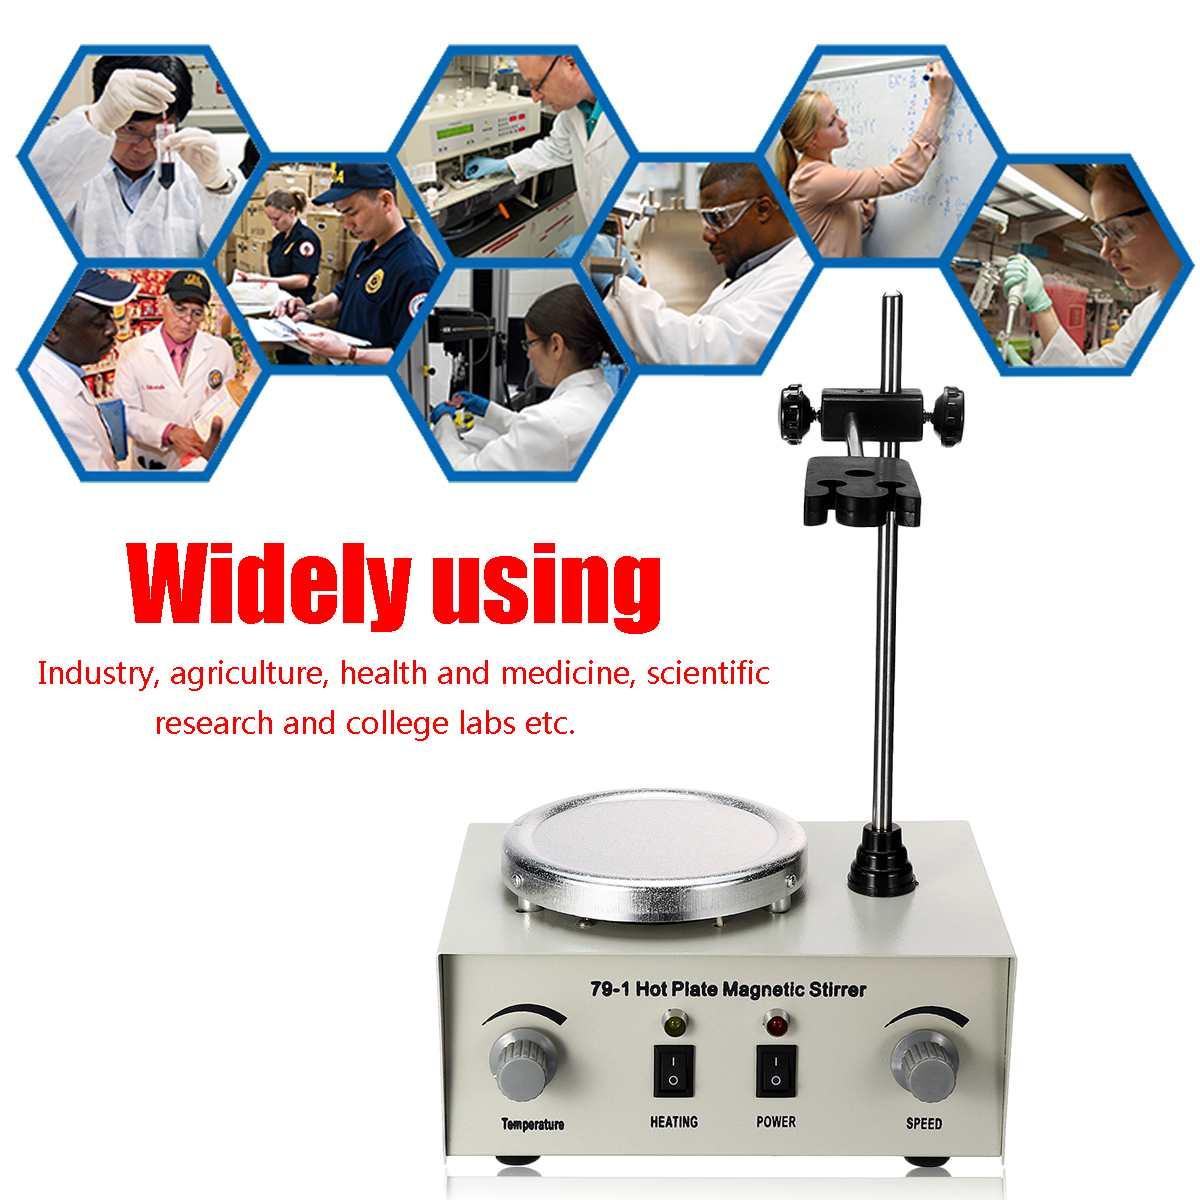 79-1 agitador magnético da placa quente misturador magnético 1000ml laboratório aquecimento duplo controle misturador vibração fusíveis proteção 110/220 v 250 w